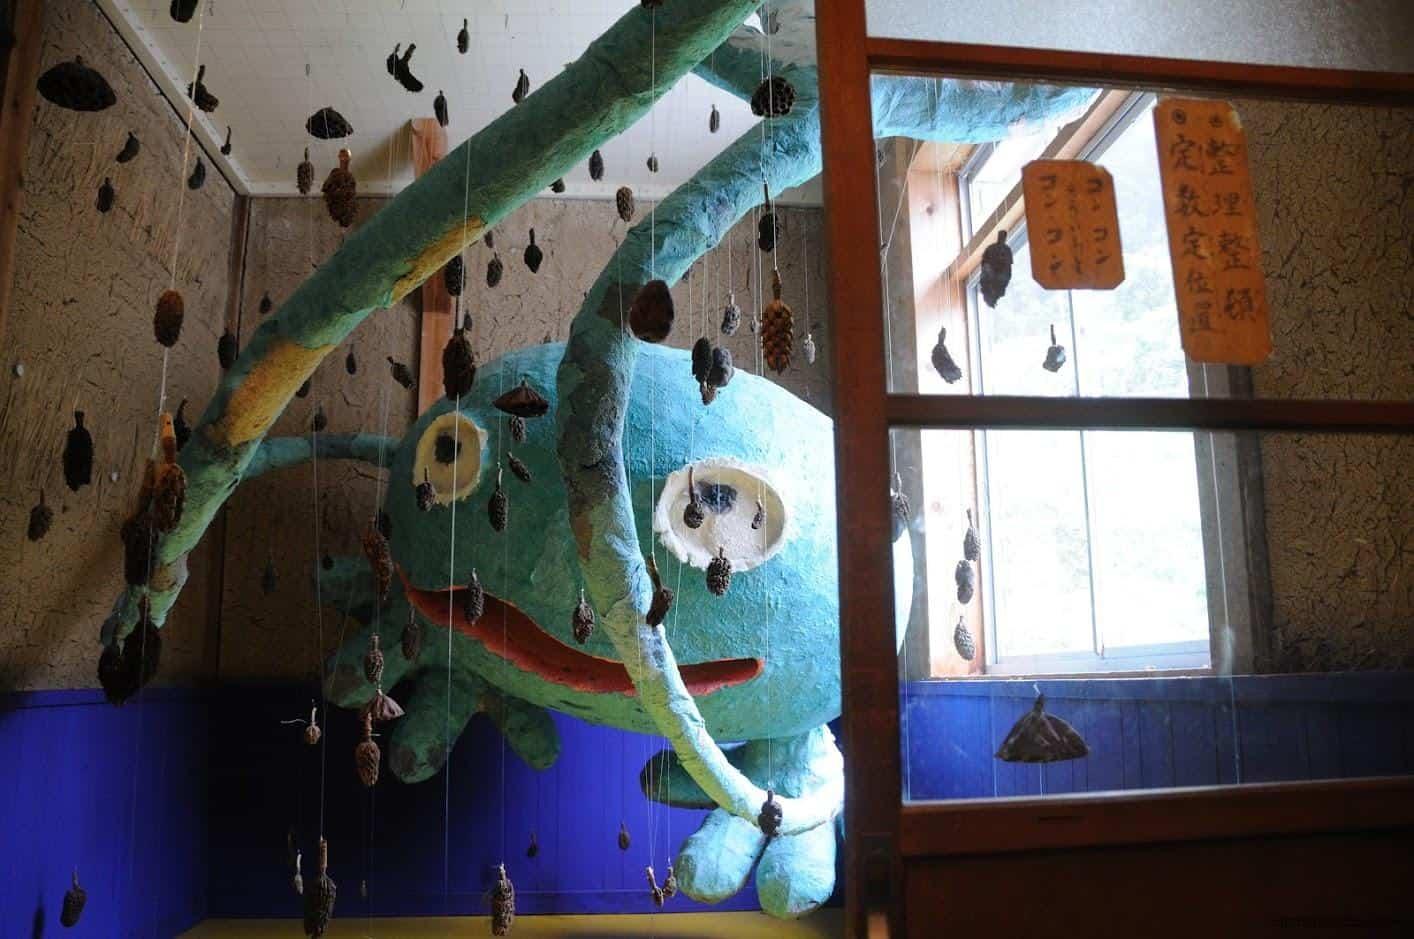 田島征三,繪本和樹木果實美術館,躲在角落的怪物,彷彿隨時會從暗處伸出觸角把人抓進去 活化廢棄學校 活化廢棄學校 hachi seizo tashima museum of picture book art 05